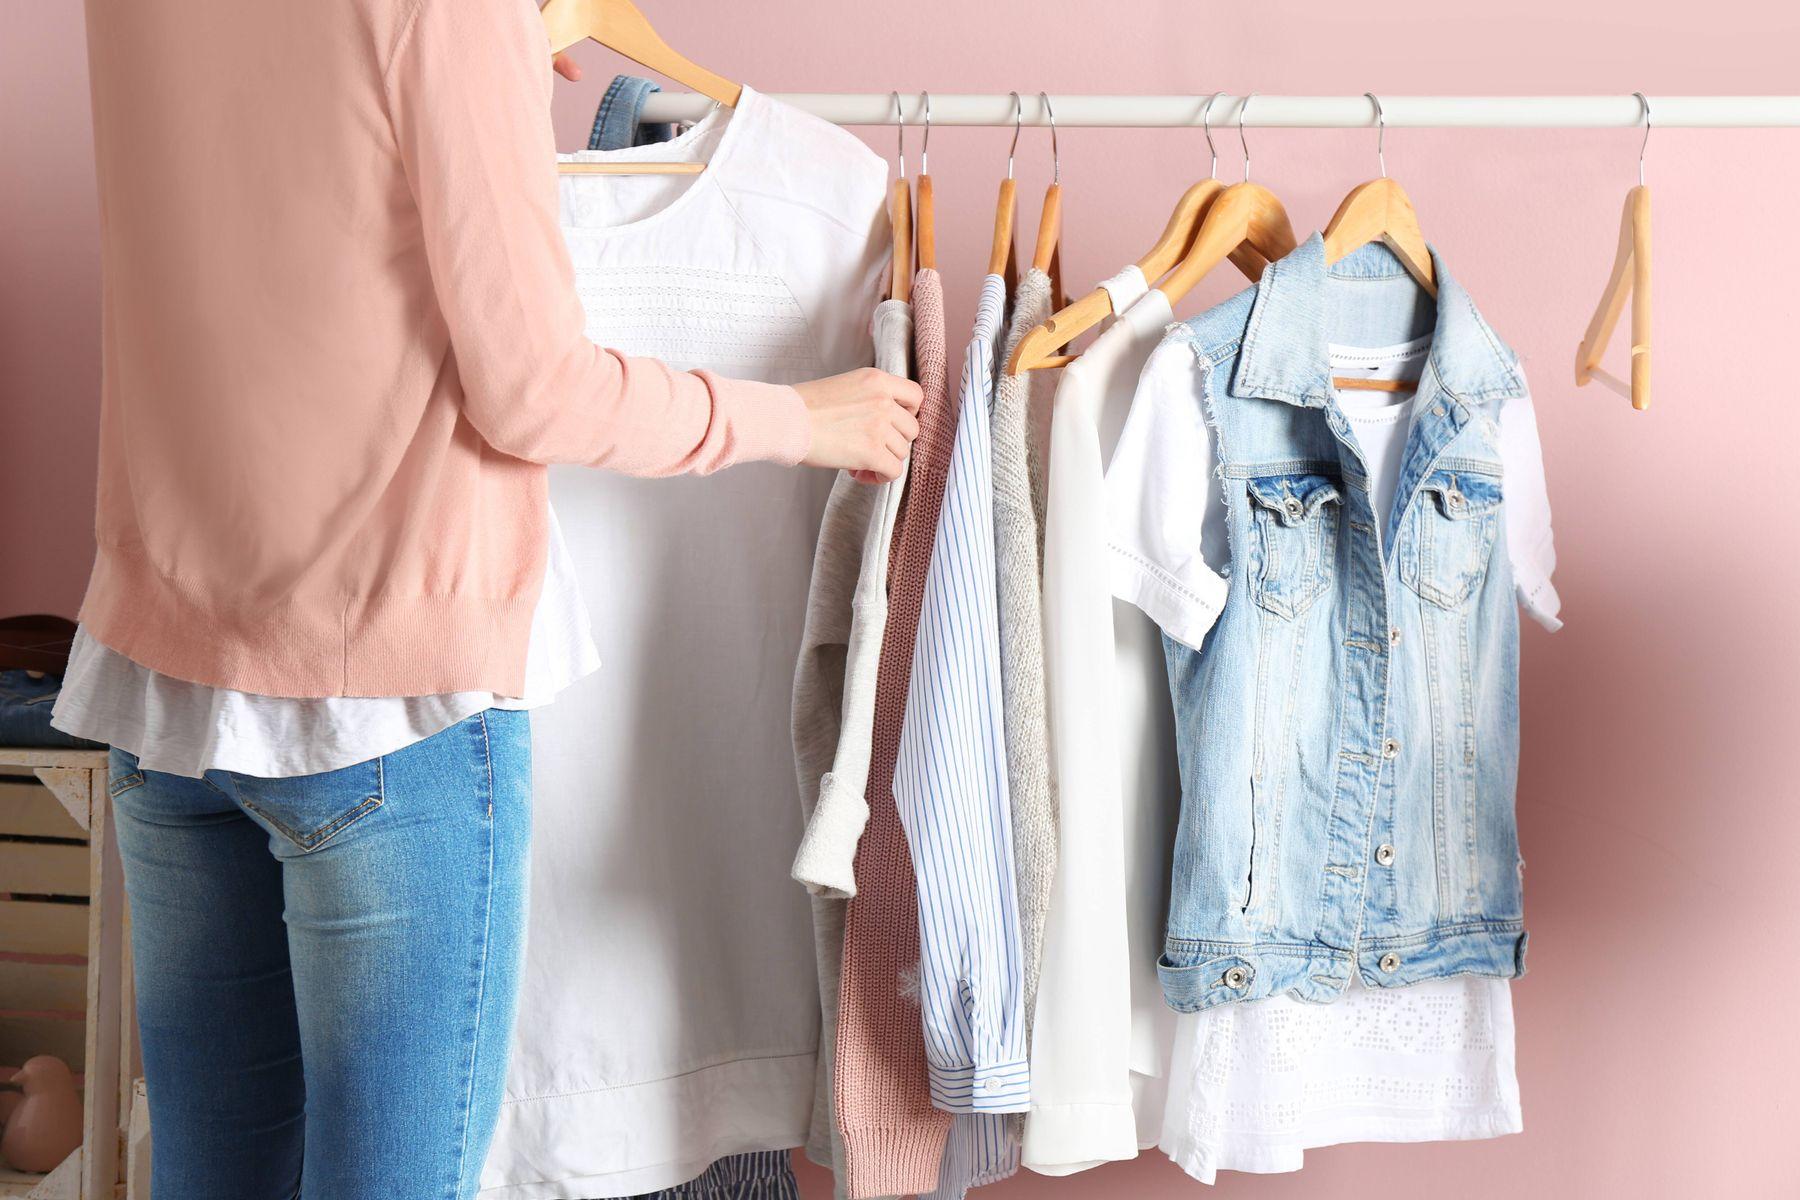 mulher segura cabide com camiseta branca perto de arara de roupas com blusas, camisetas e colete jeans, em fundo rosa